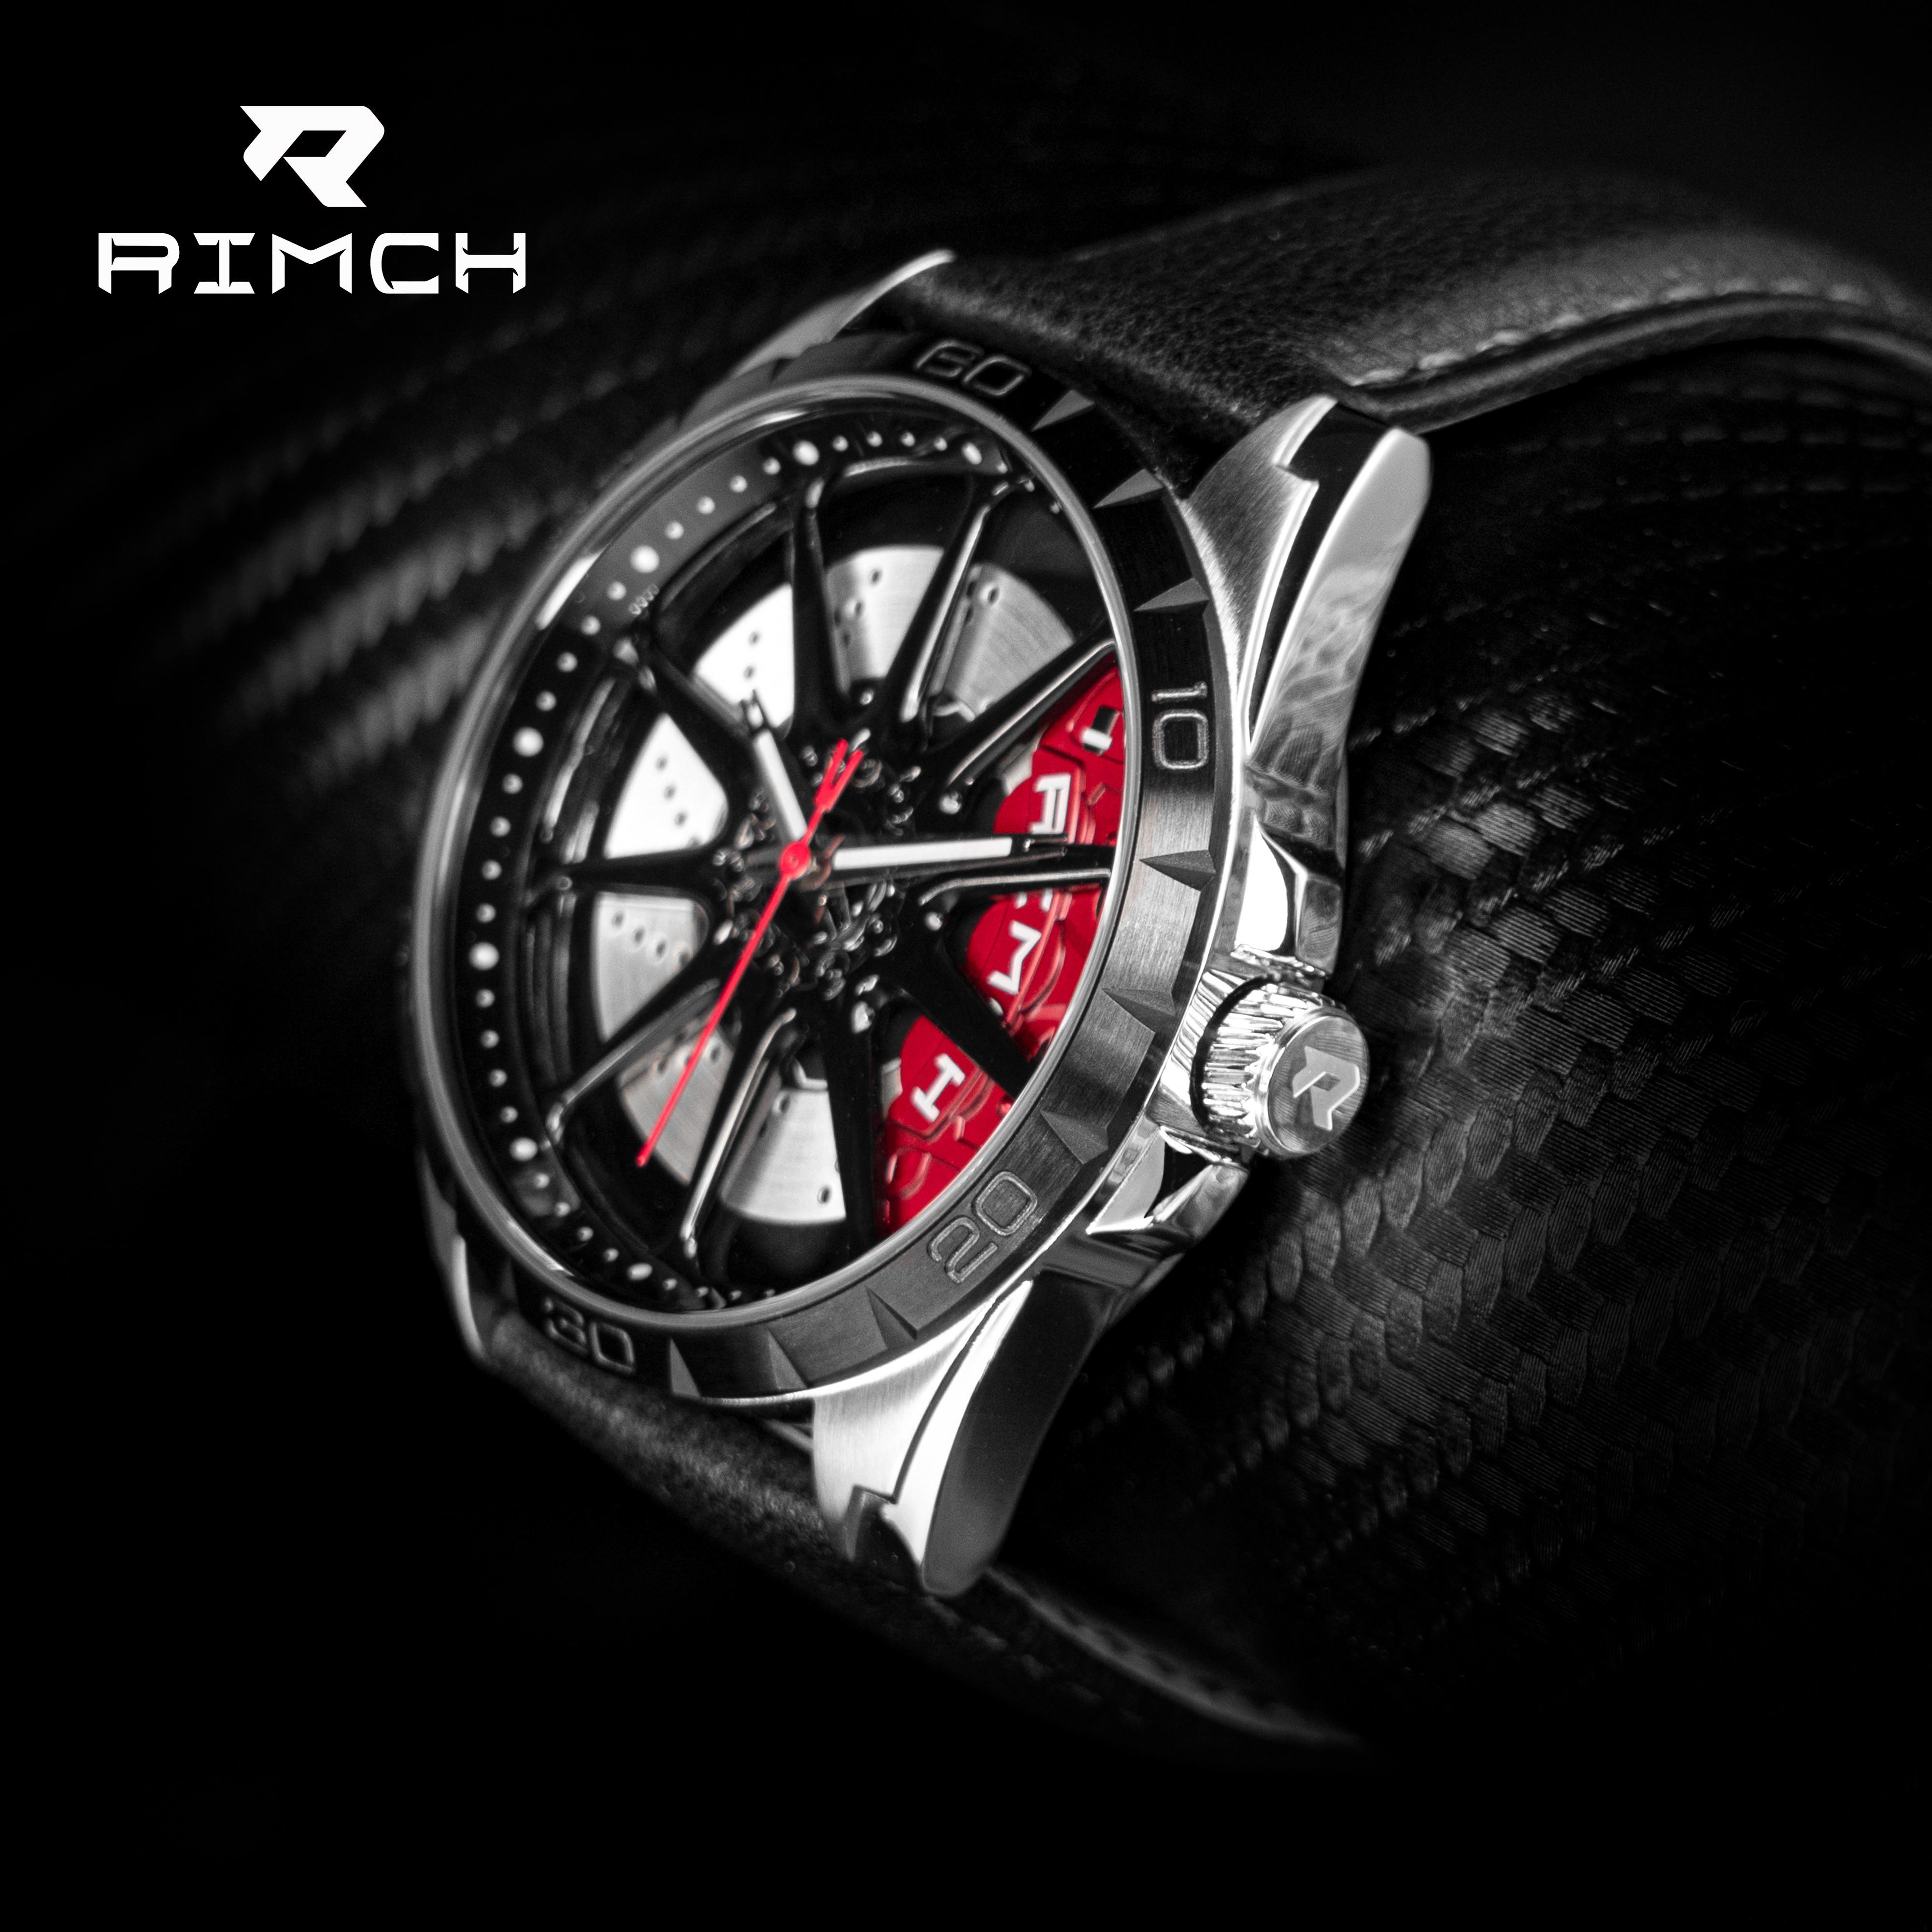 Rimch relógios men aro da roda hub super carro aço inoxidável à prova dwaterproof água legal 3d moda relógio de quartzo